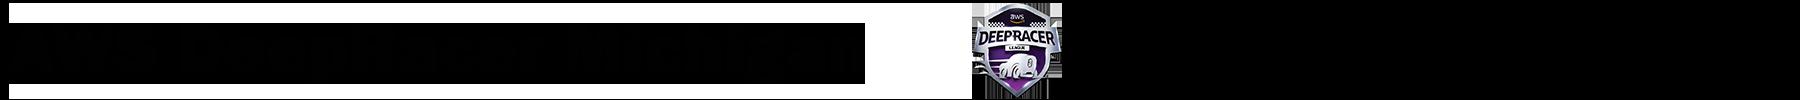 DeepRacer Banner